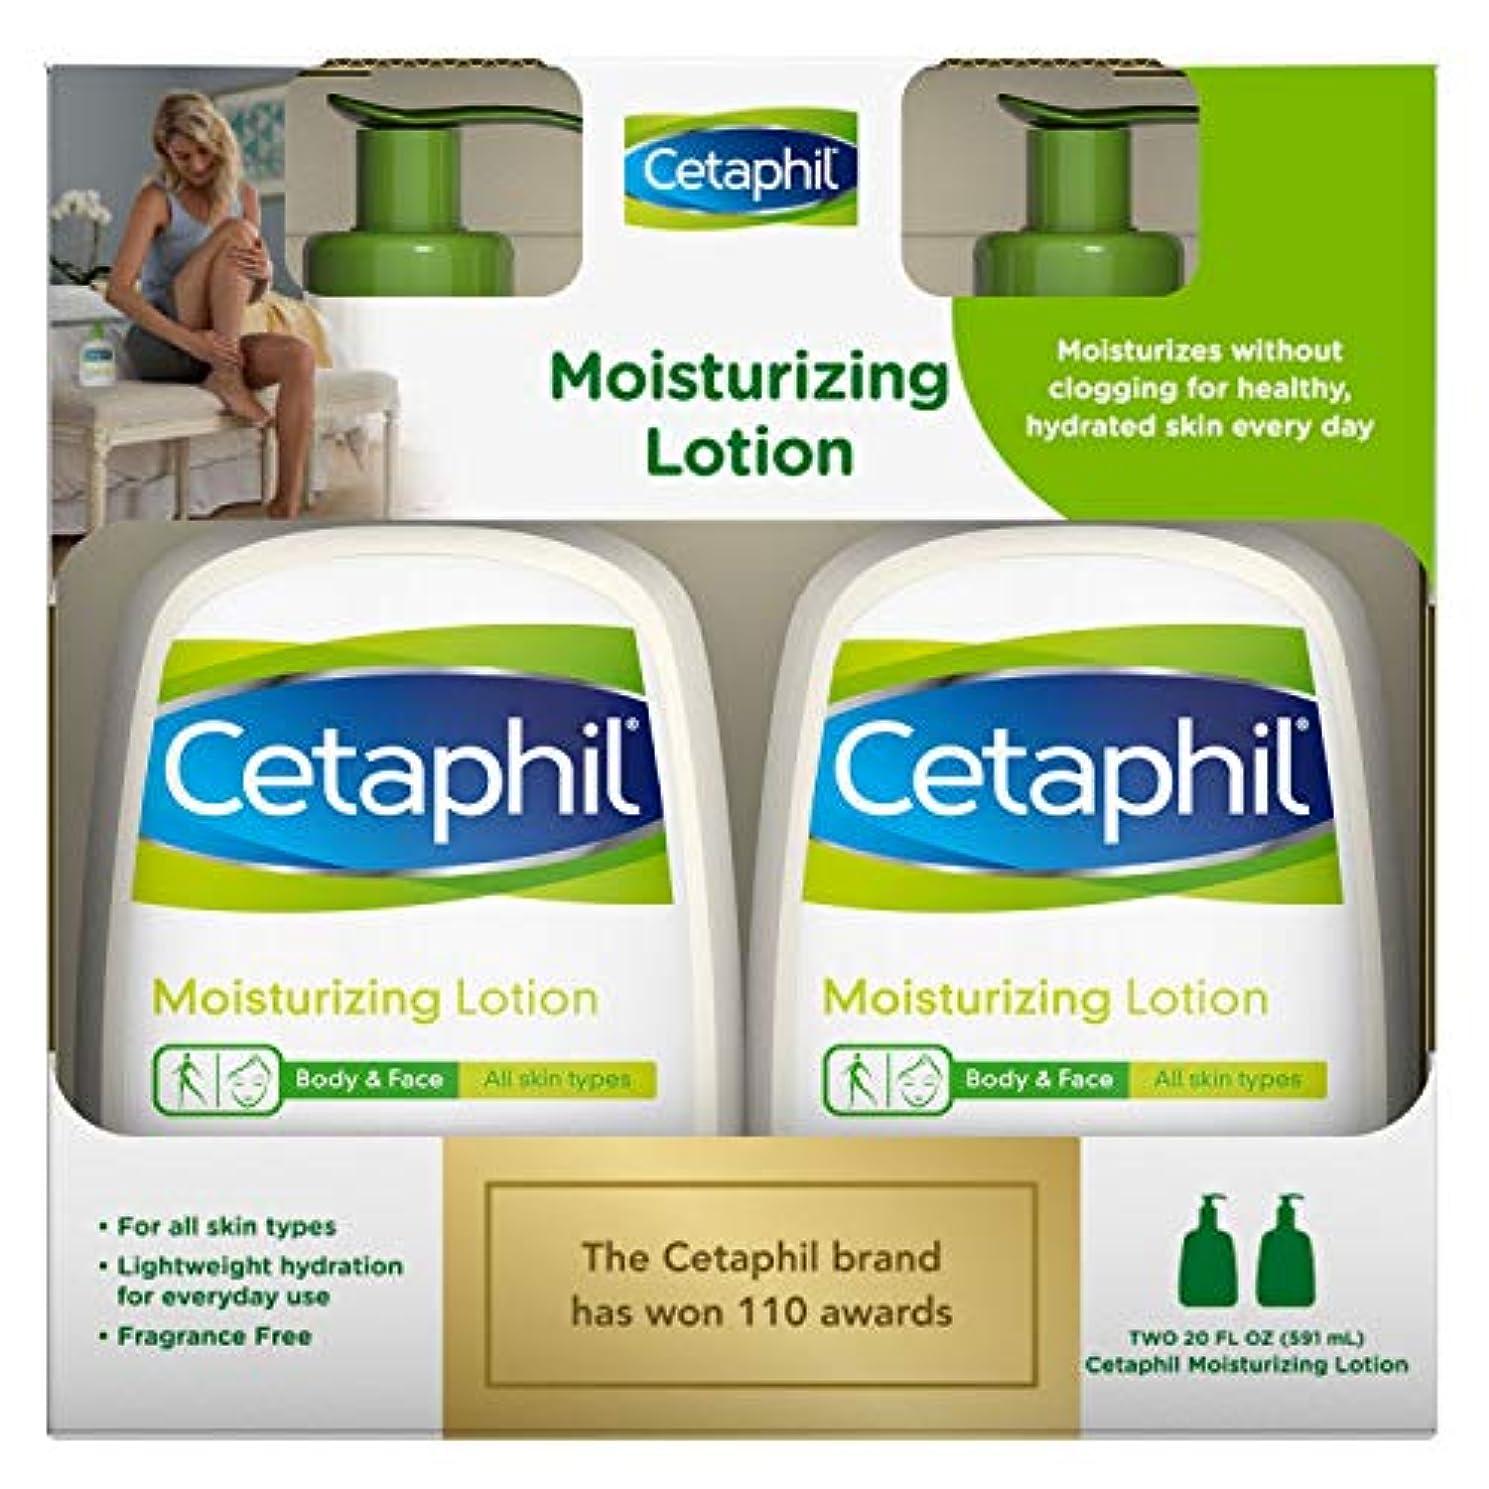 はずバリア時々セタフィル モイスチャライジングローション 591ml 2本セット Cetaphil Moisturizing Lotion 20oz twin pack